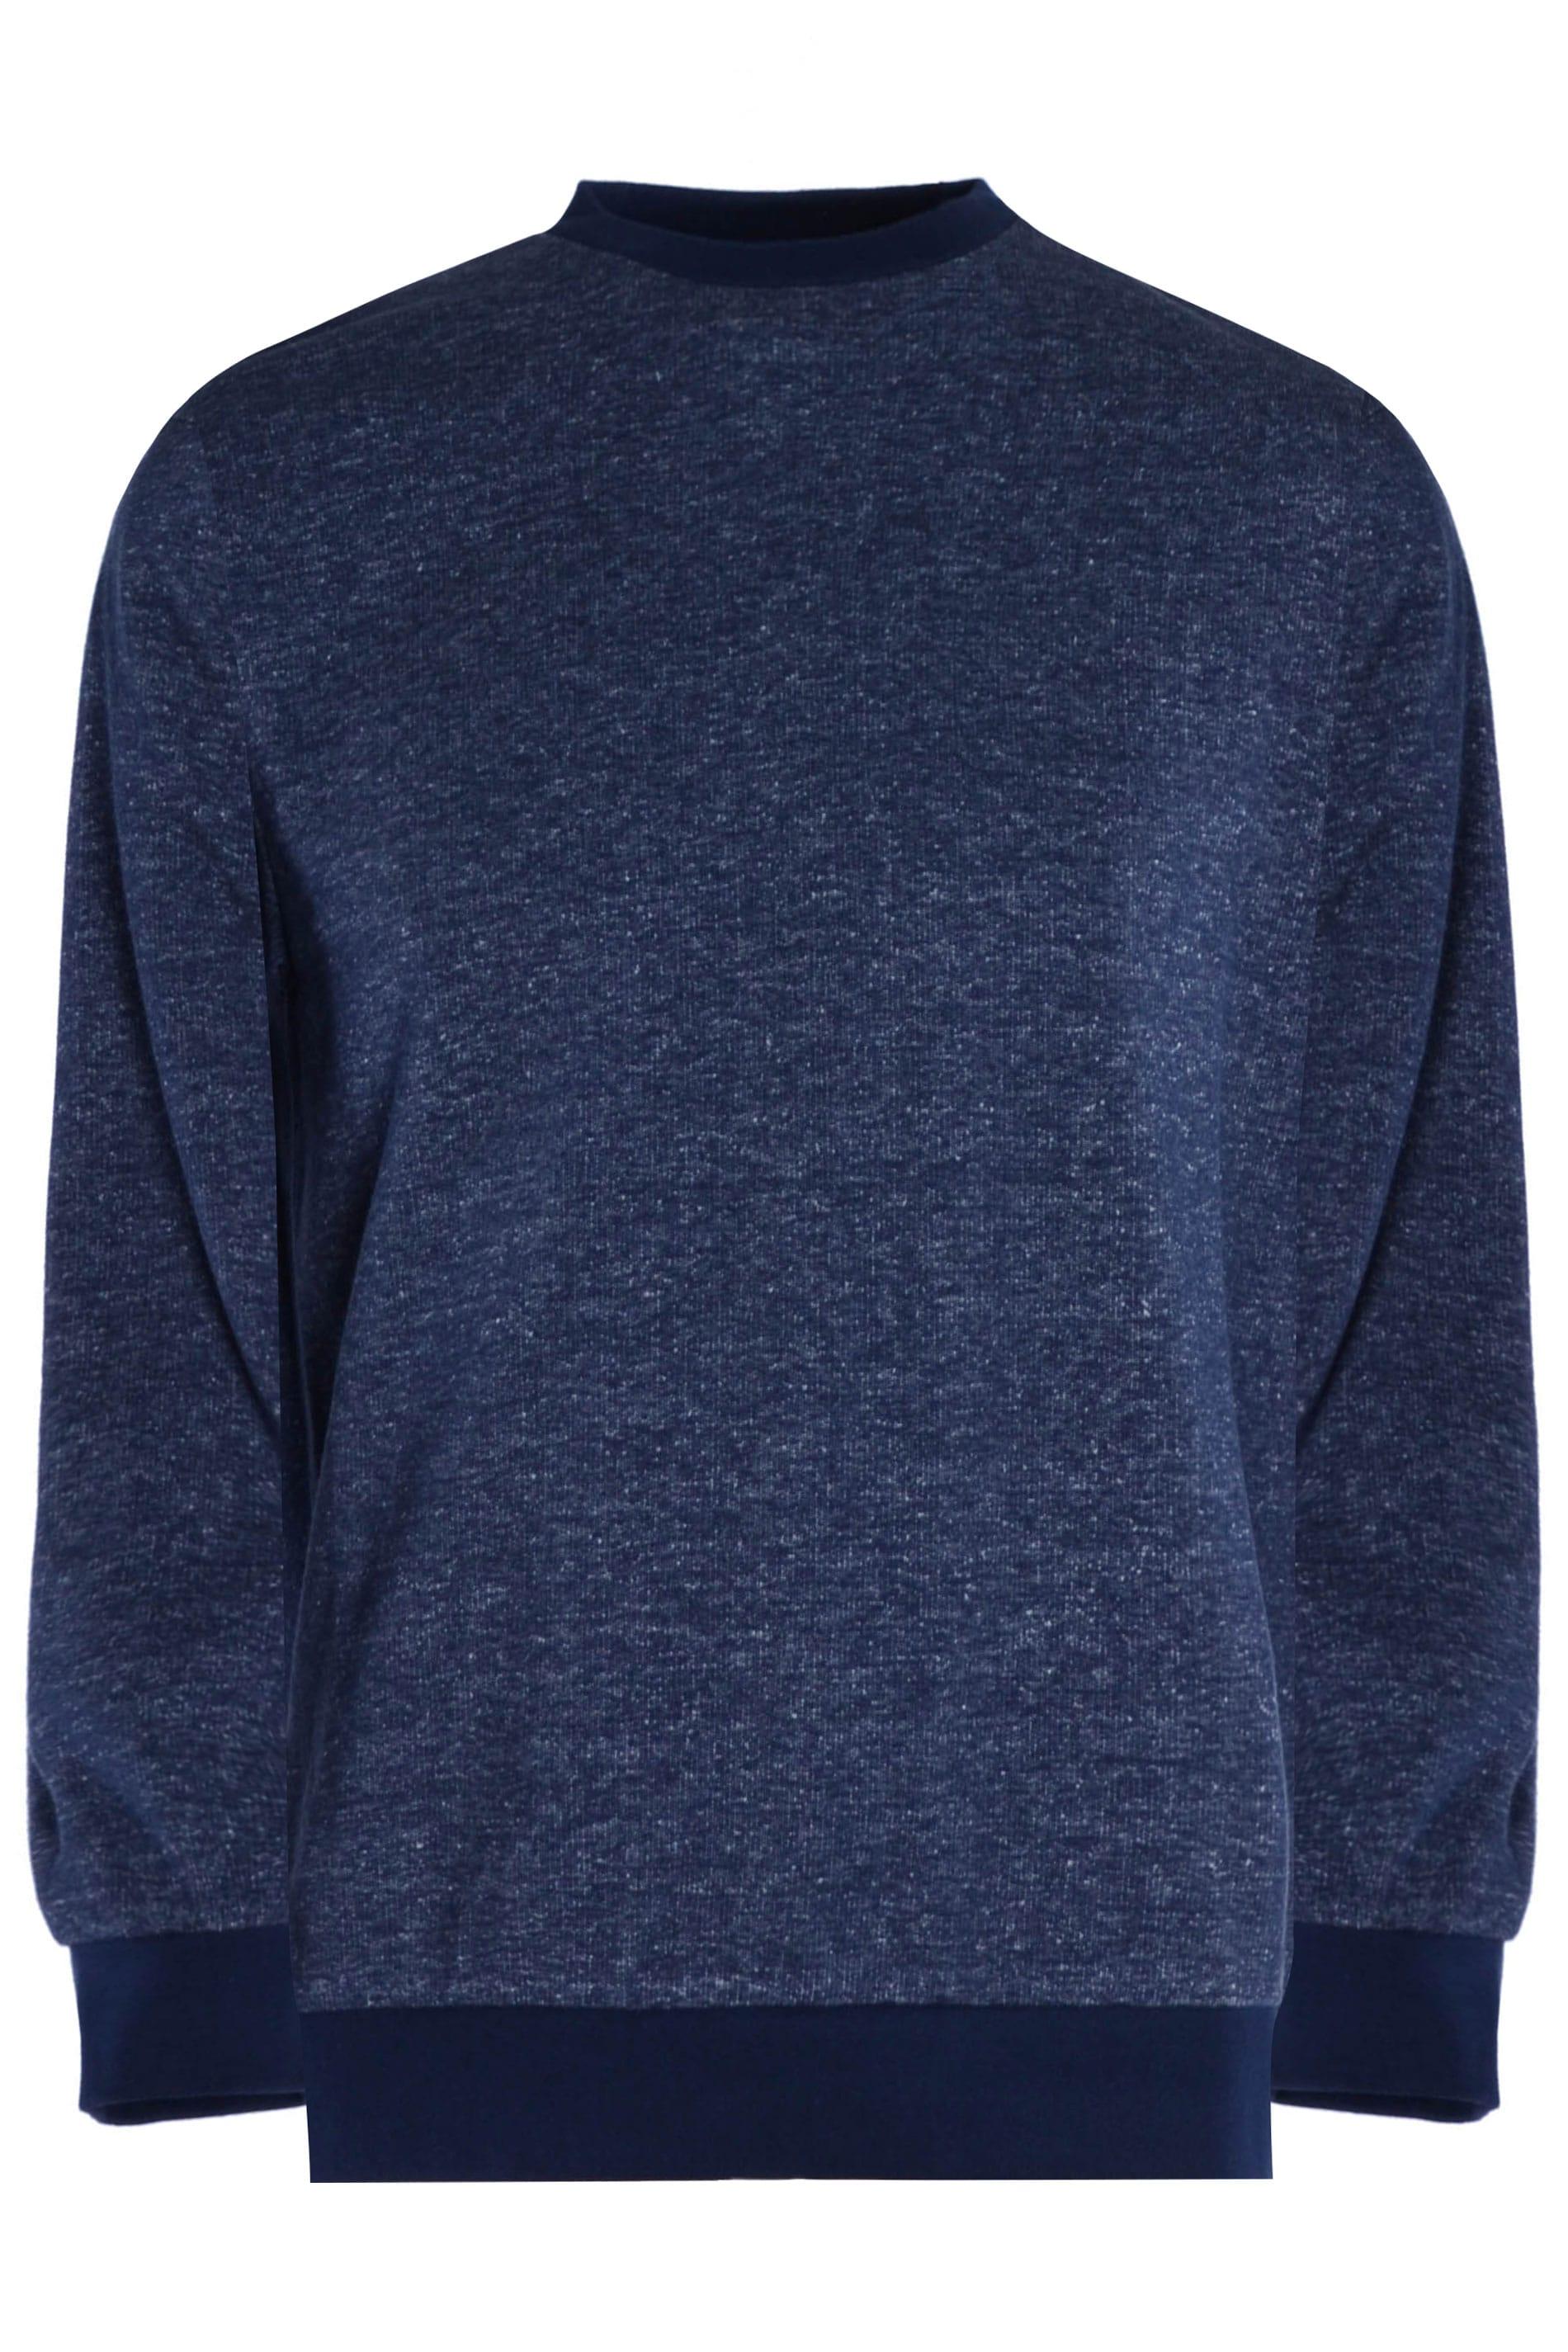 OLD SALT Navy Marl Sweatshirt